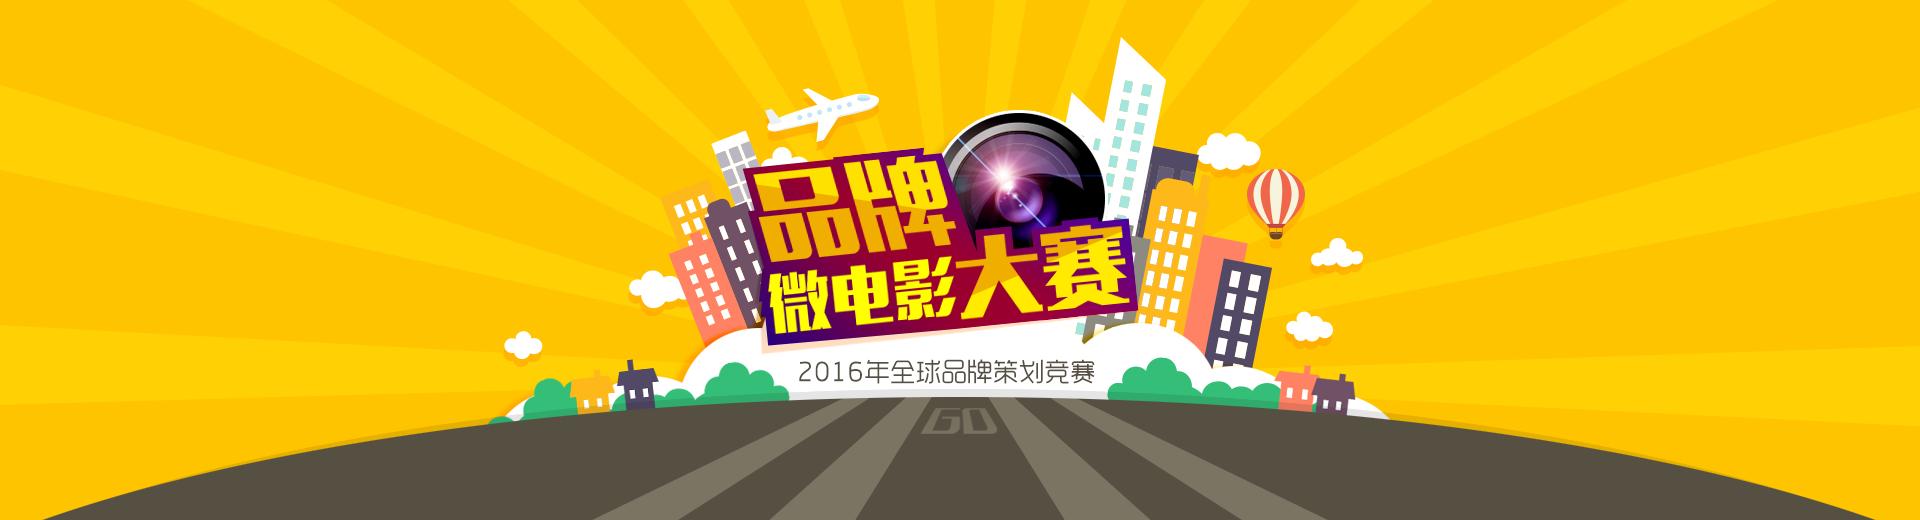 2016年全球品牌策划竞赛品牌微电影大赛